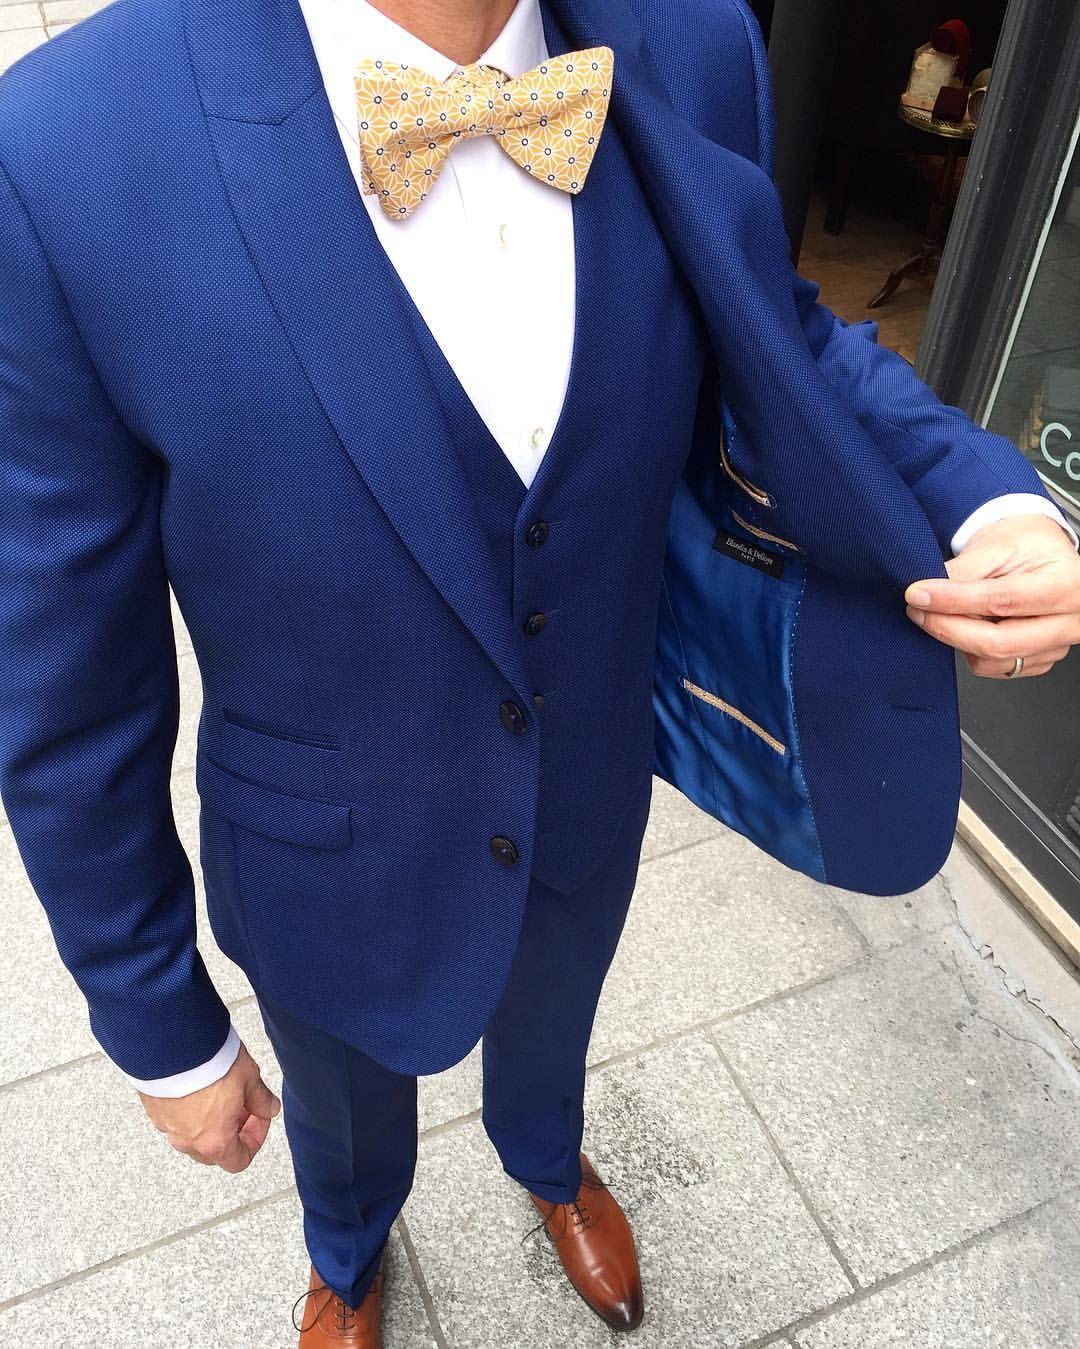 Veste bleu РіВ©lectrique homme